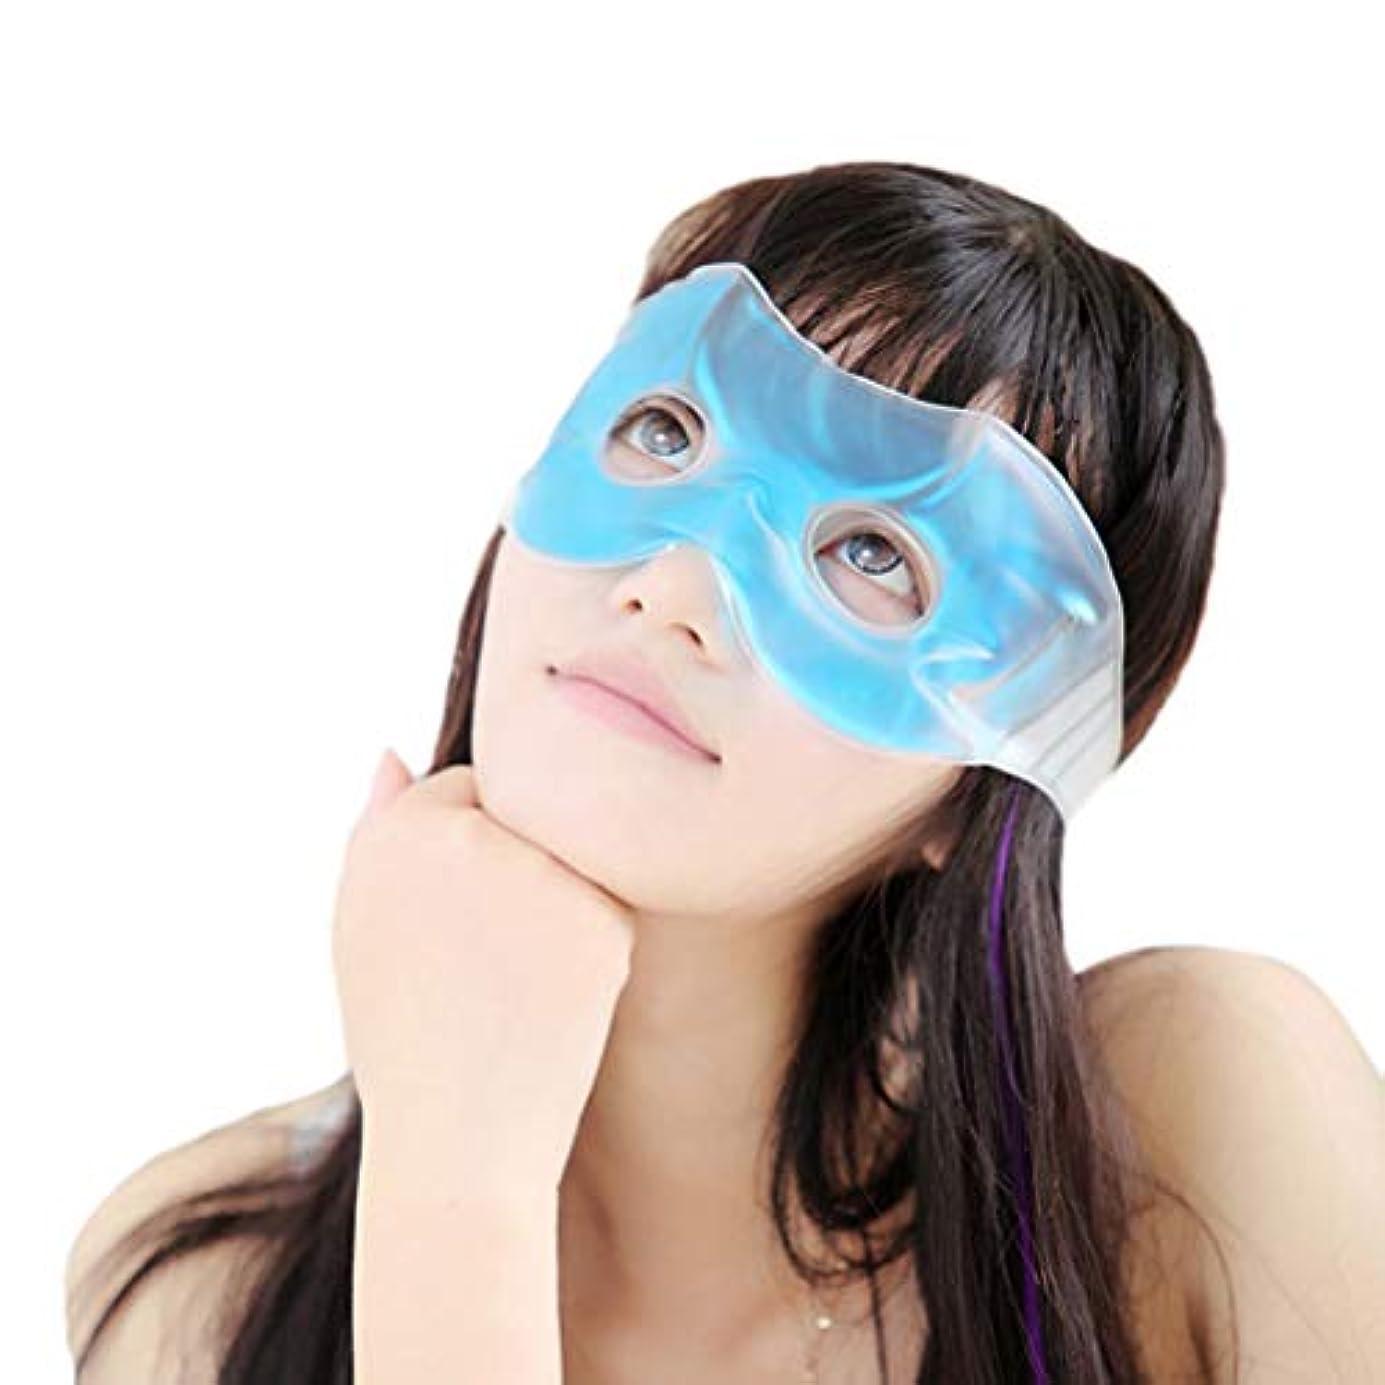 本質的ではないつかむどうやらHeallilyアイスアイマスク睡眠アイスパッチ冷却リラックスブラインド快適なパッチ用アイパフネスダークサークル